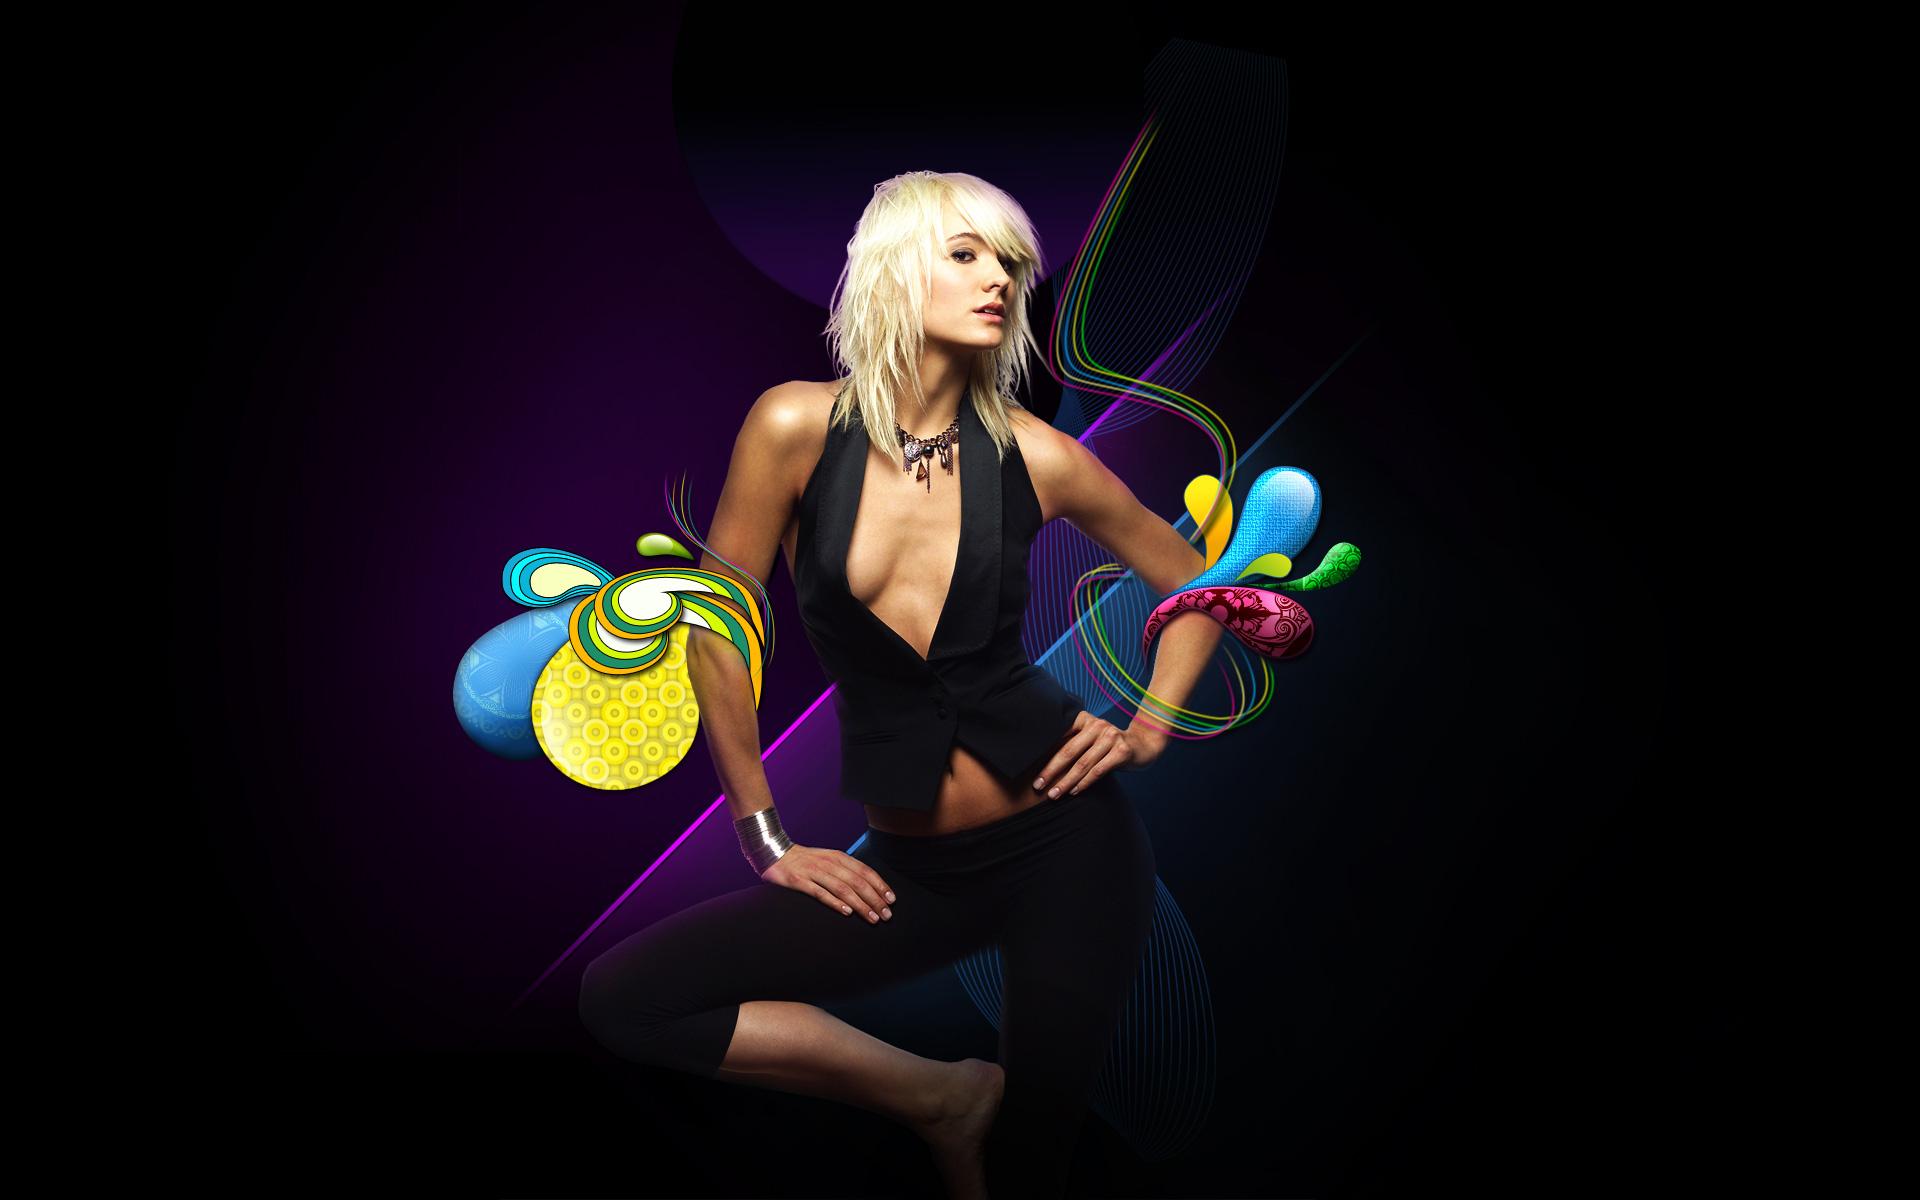 Swirl Girl in Photoshop Photoshop Tutorials Designstacks 1920x1200